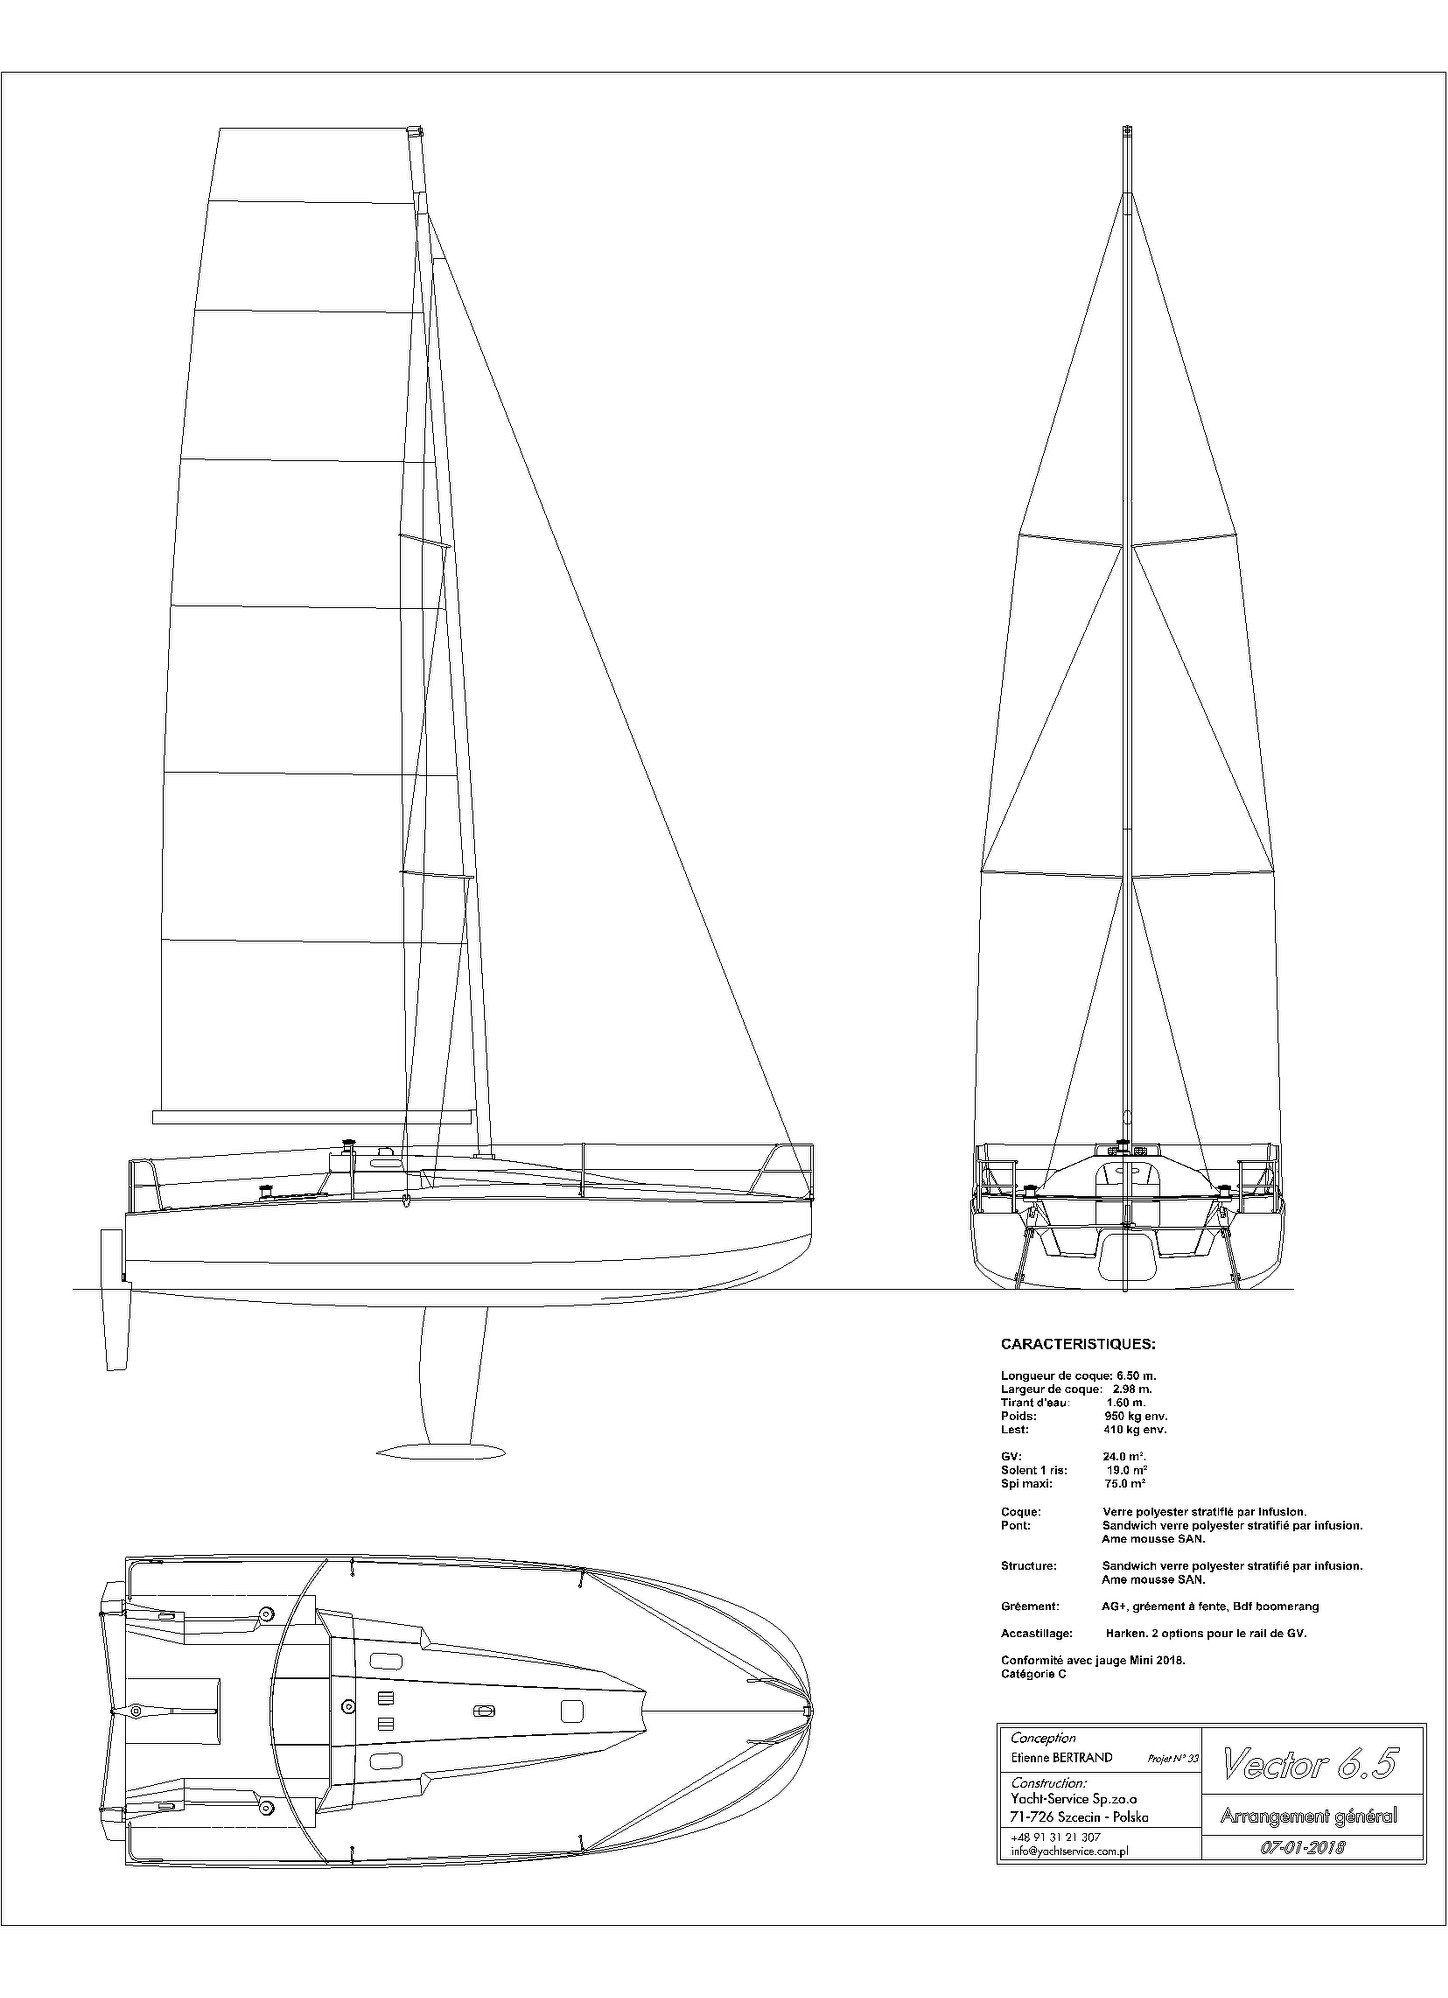 pin by bernard boden on pocket sailboat boat sailing yacht design E Scow Sailboat Keuka fast boats yacht design boat building sailboat pond minis sailing